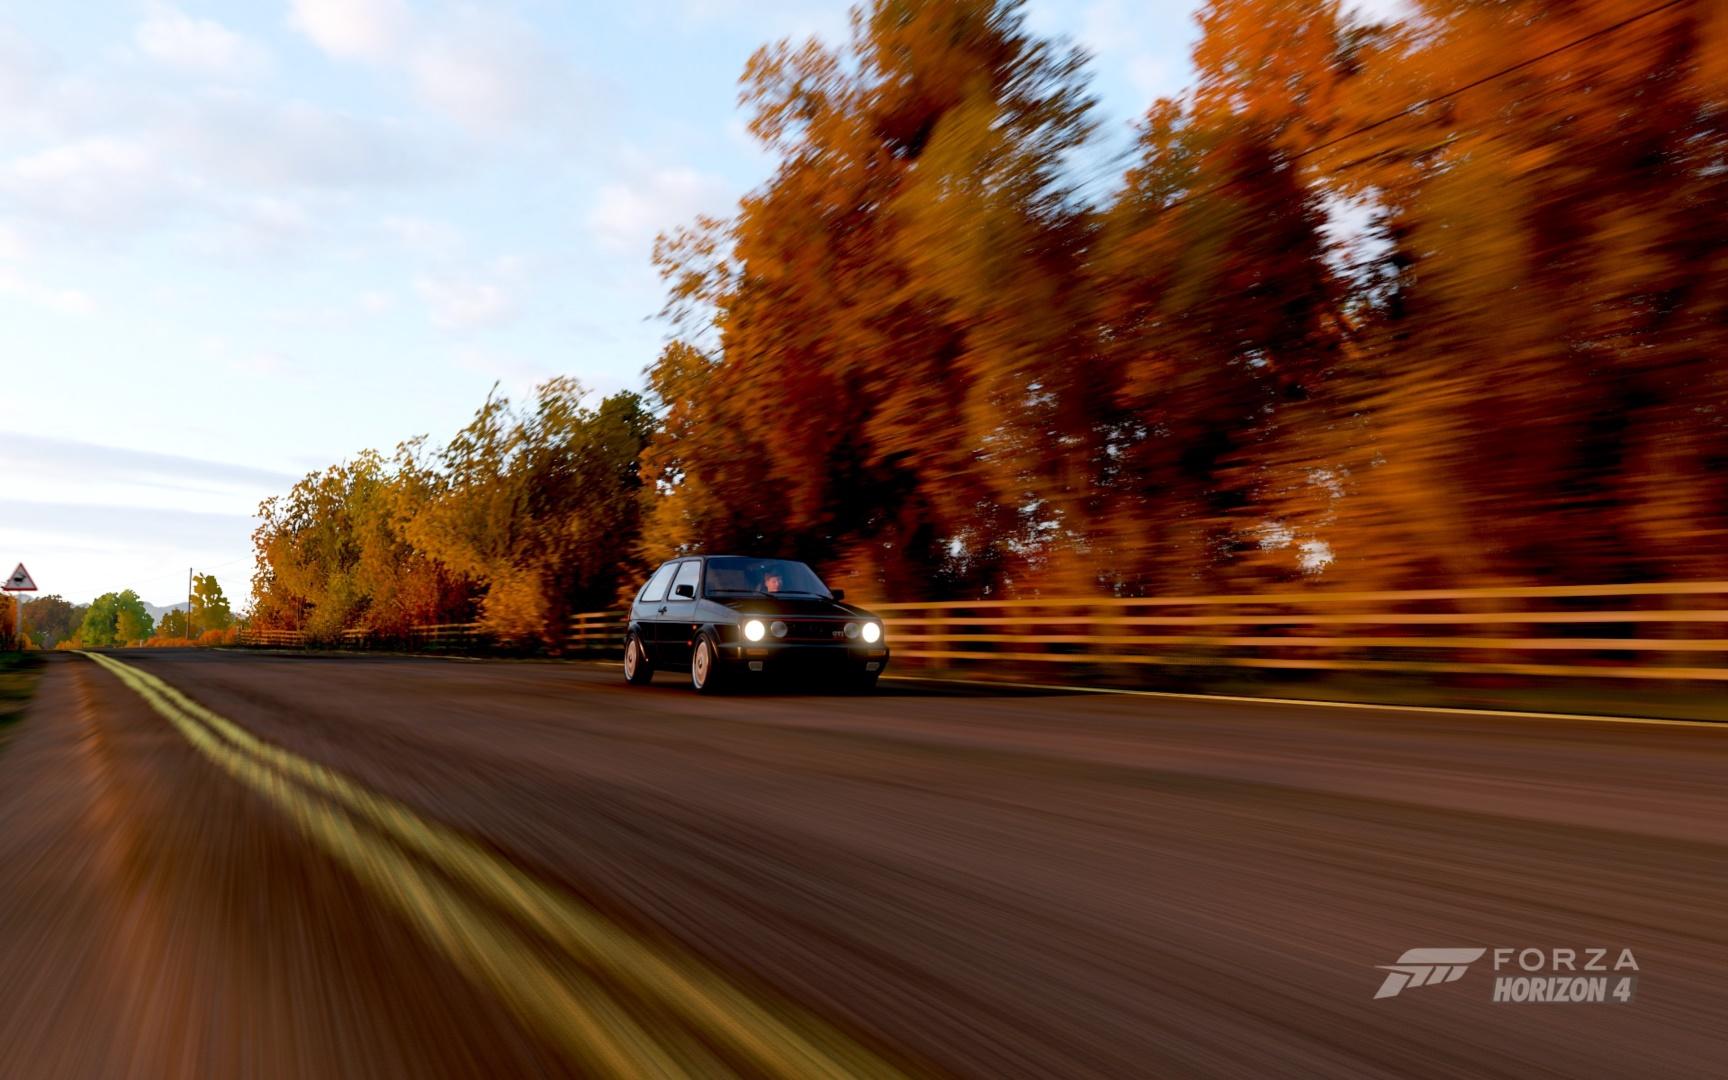 Forza_03.jpg